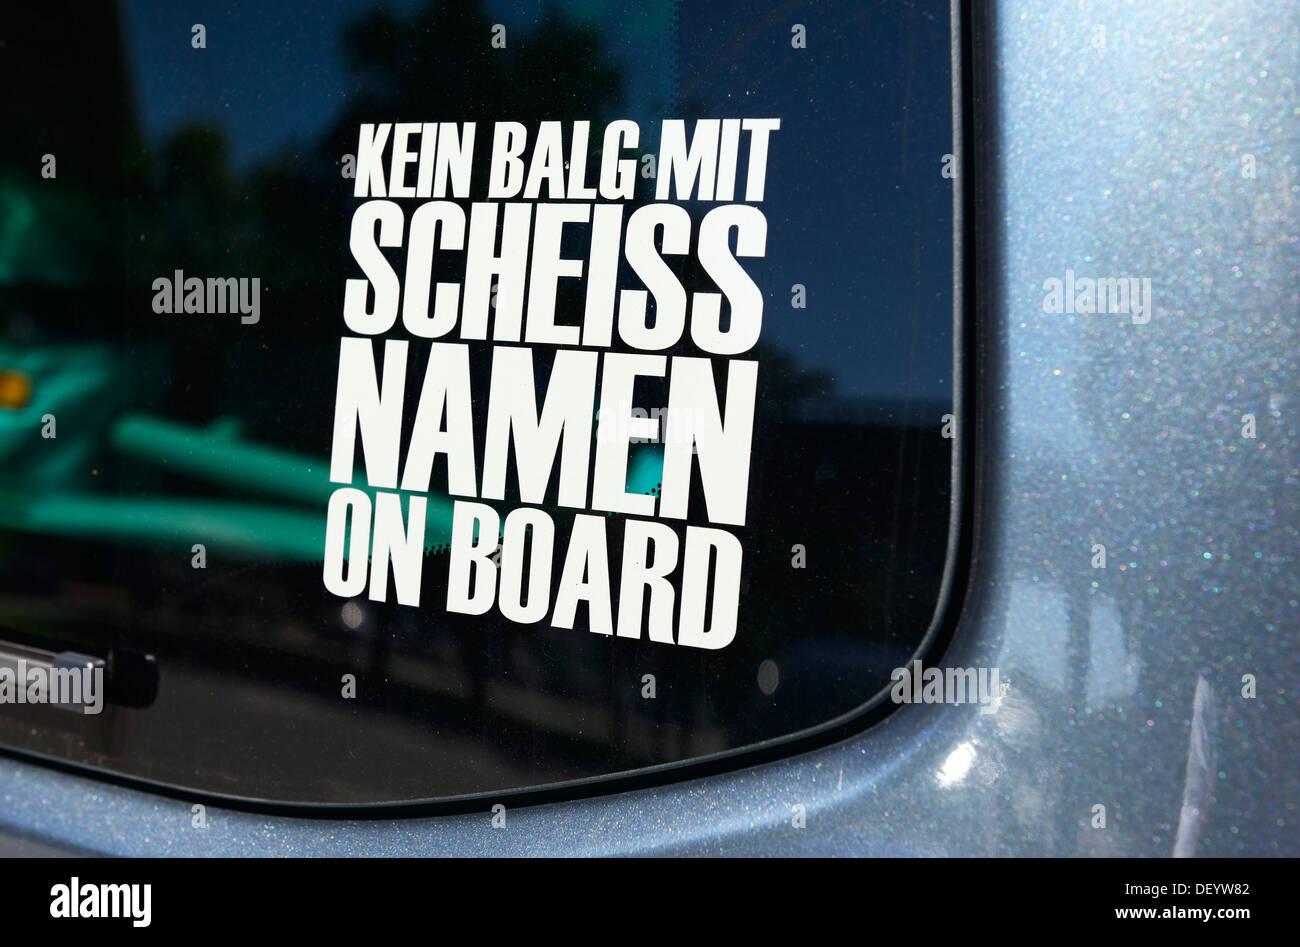 Aufkleber Auf Einem Auto Schriftzug Kein Balg Mit Scheiss